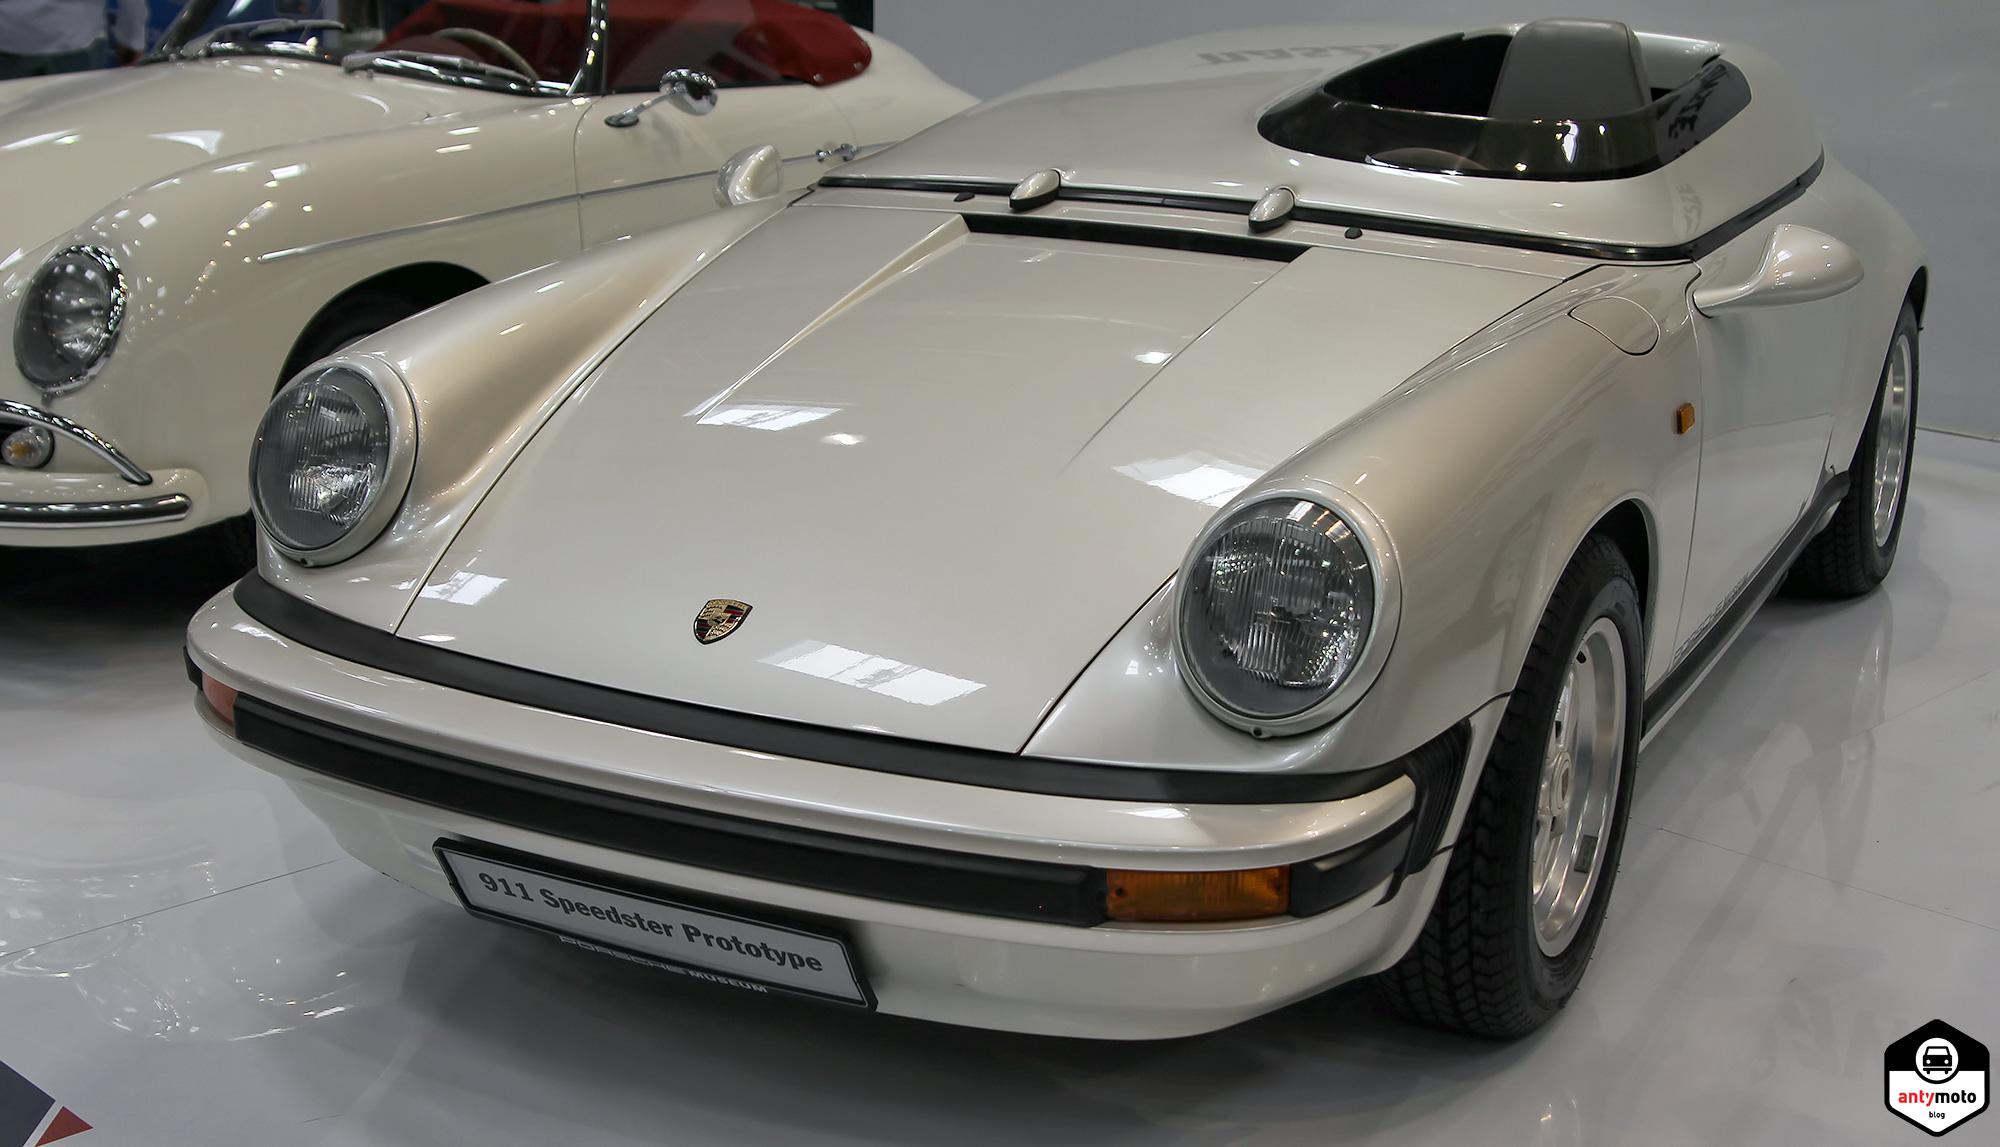 porsche_911_speedster_prototype